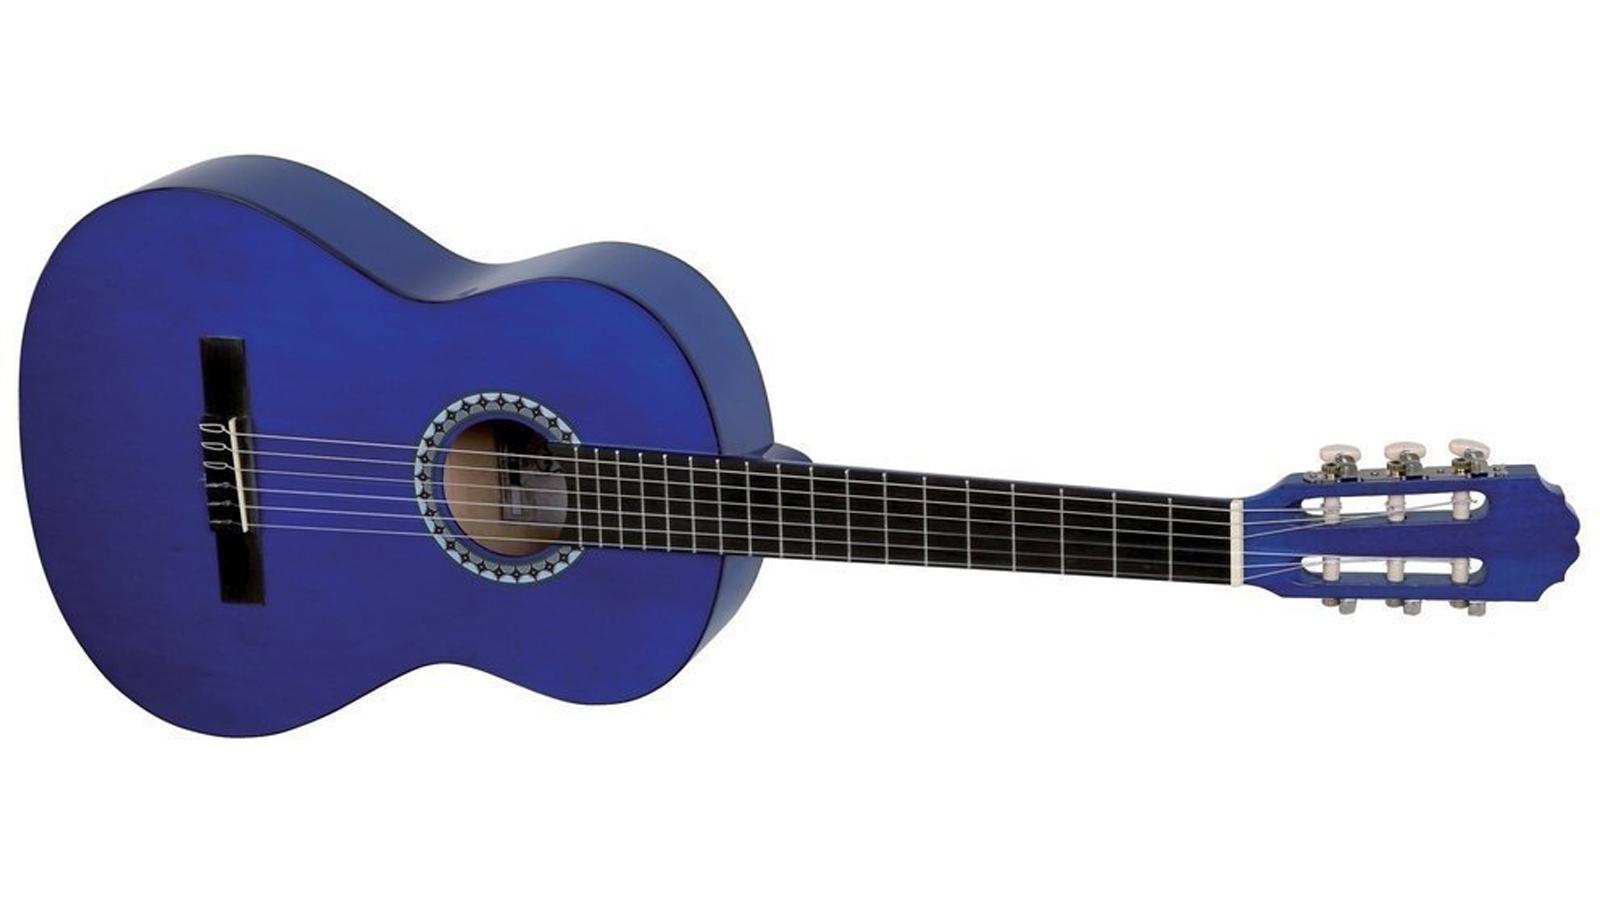 VGS Konzertgitarre 1/2 blau Basic